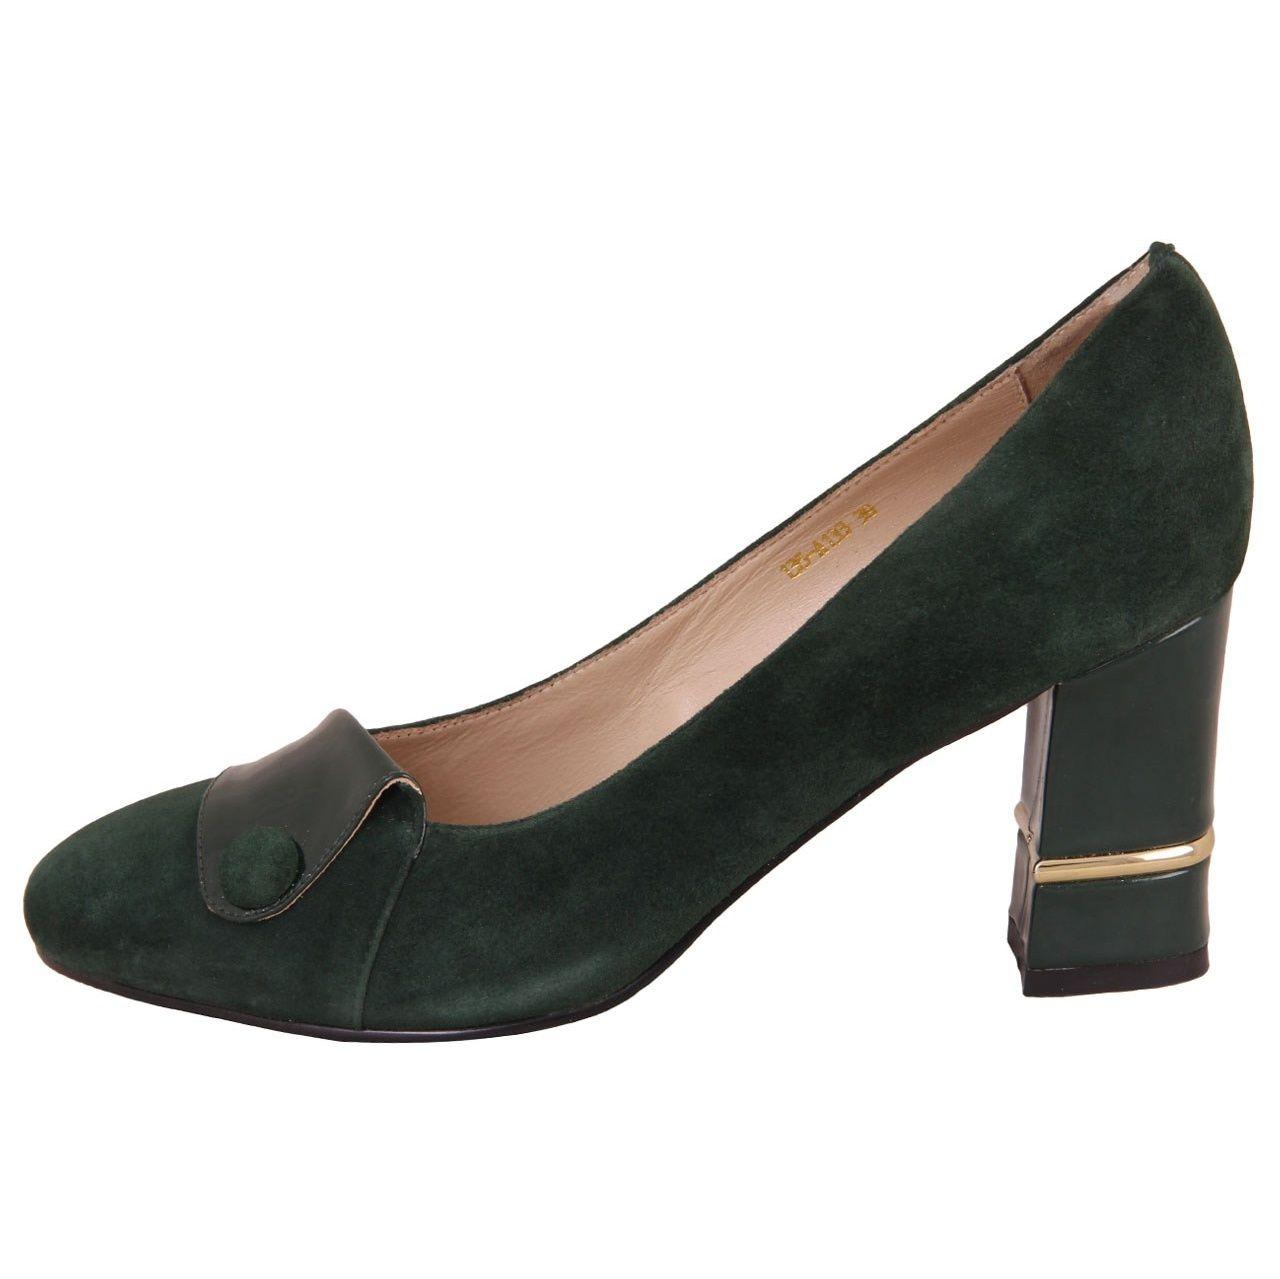 کفش زنانه  شهرچرم مدل 45-133-135 -  - 1